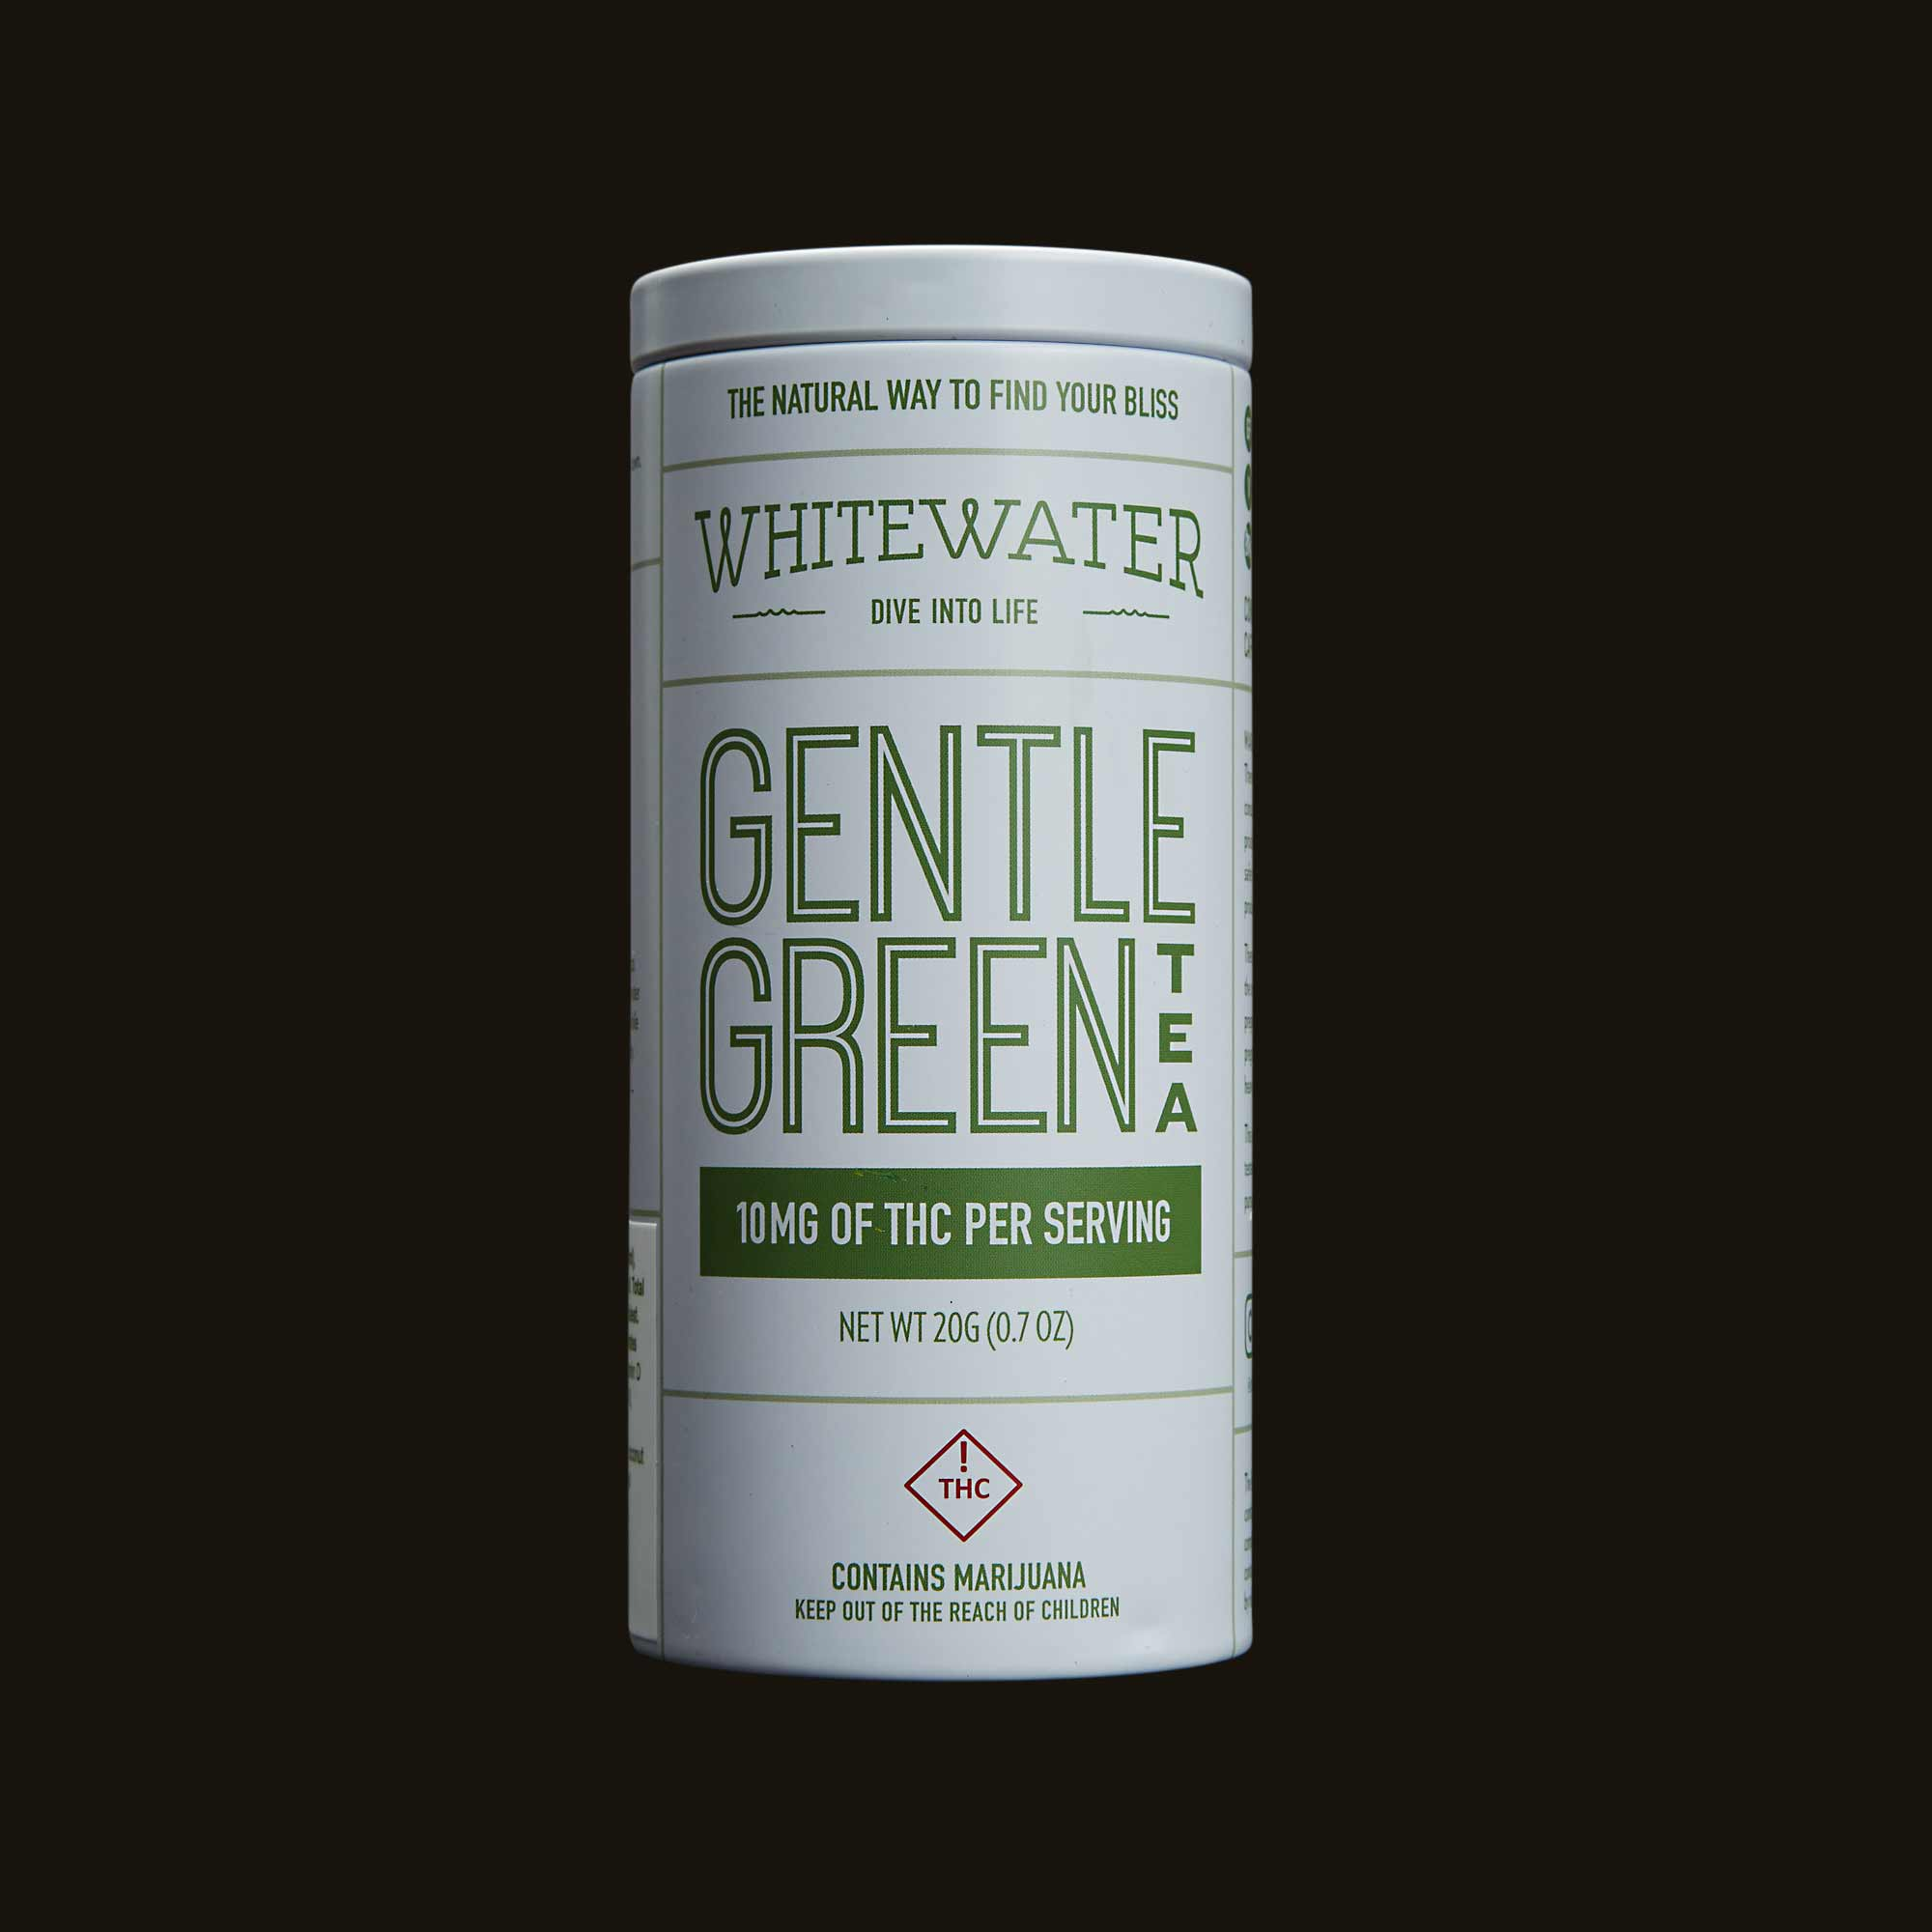 Stillwater Whitewater Gentle Green